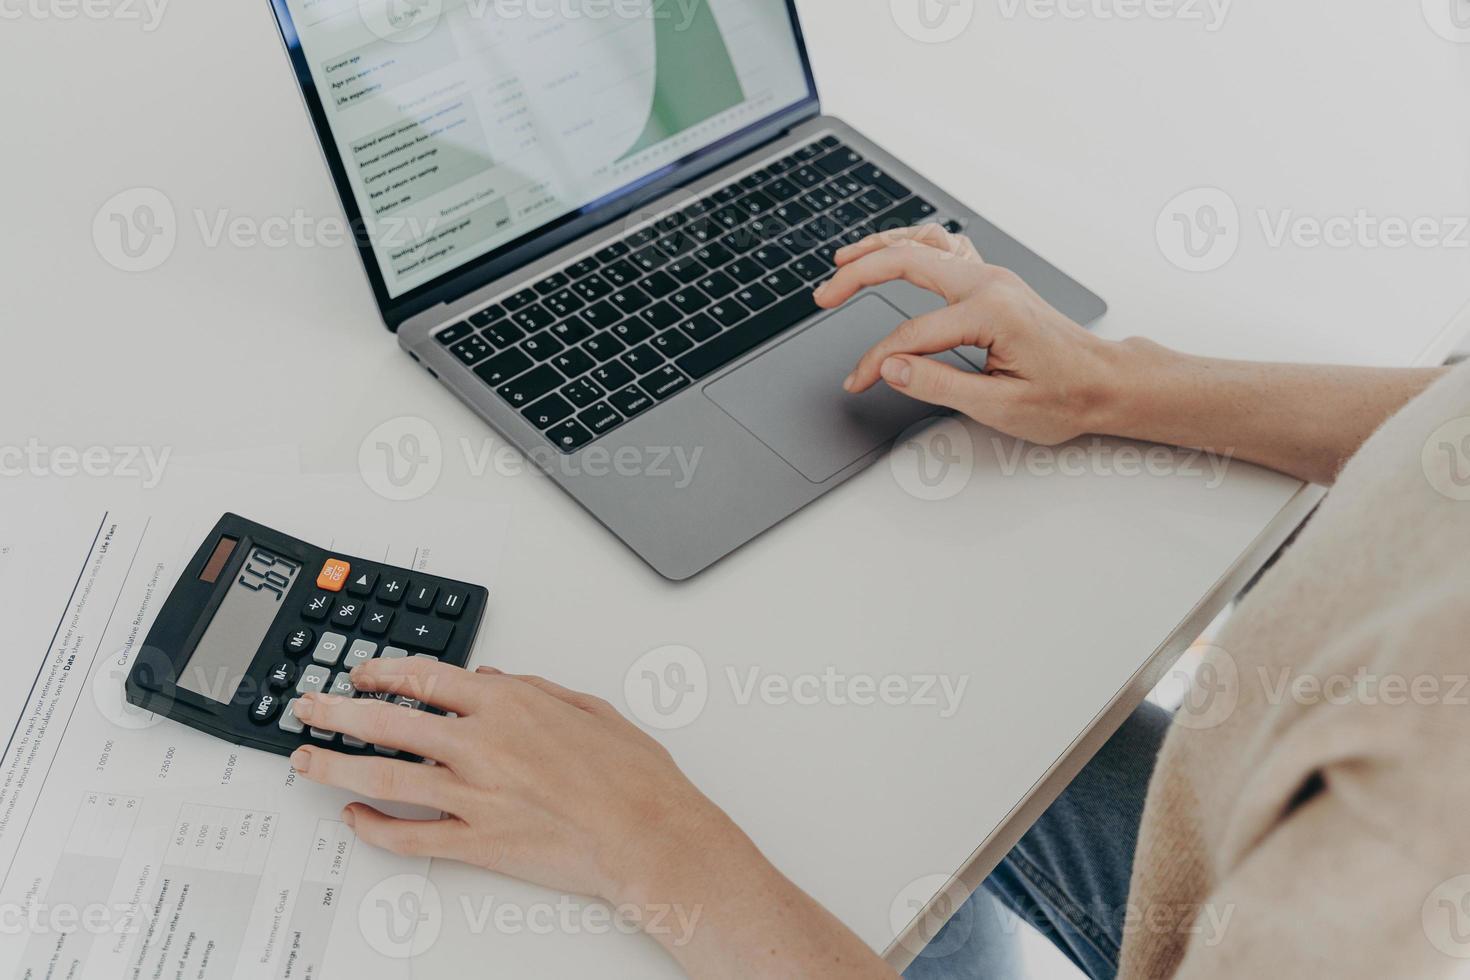 okänd kvinna sitter vid skrivbordet med bärbar dator kalkylatorpapper beräknar månadsutgifter foto